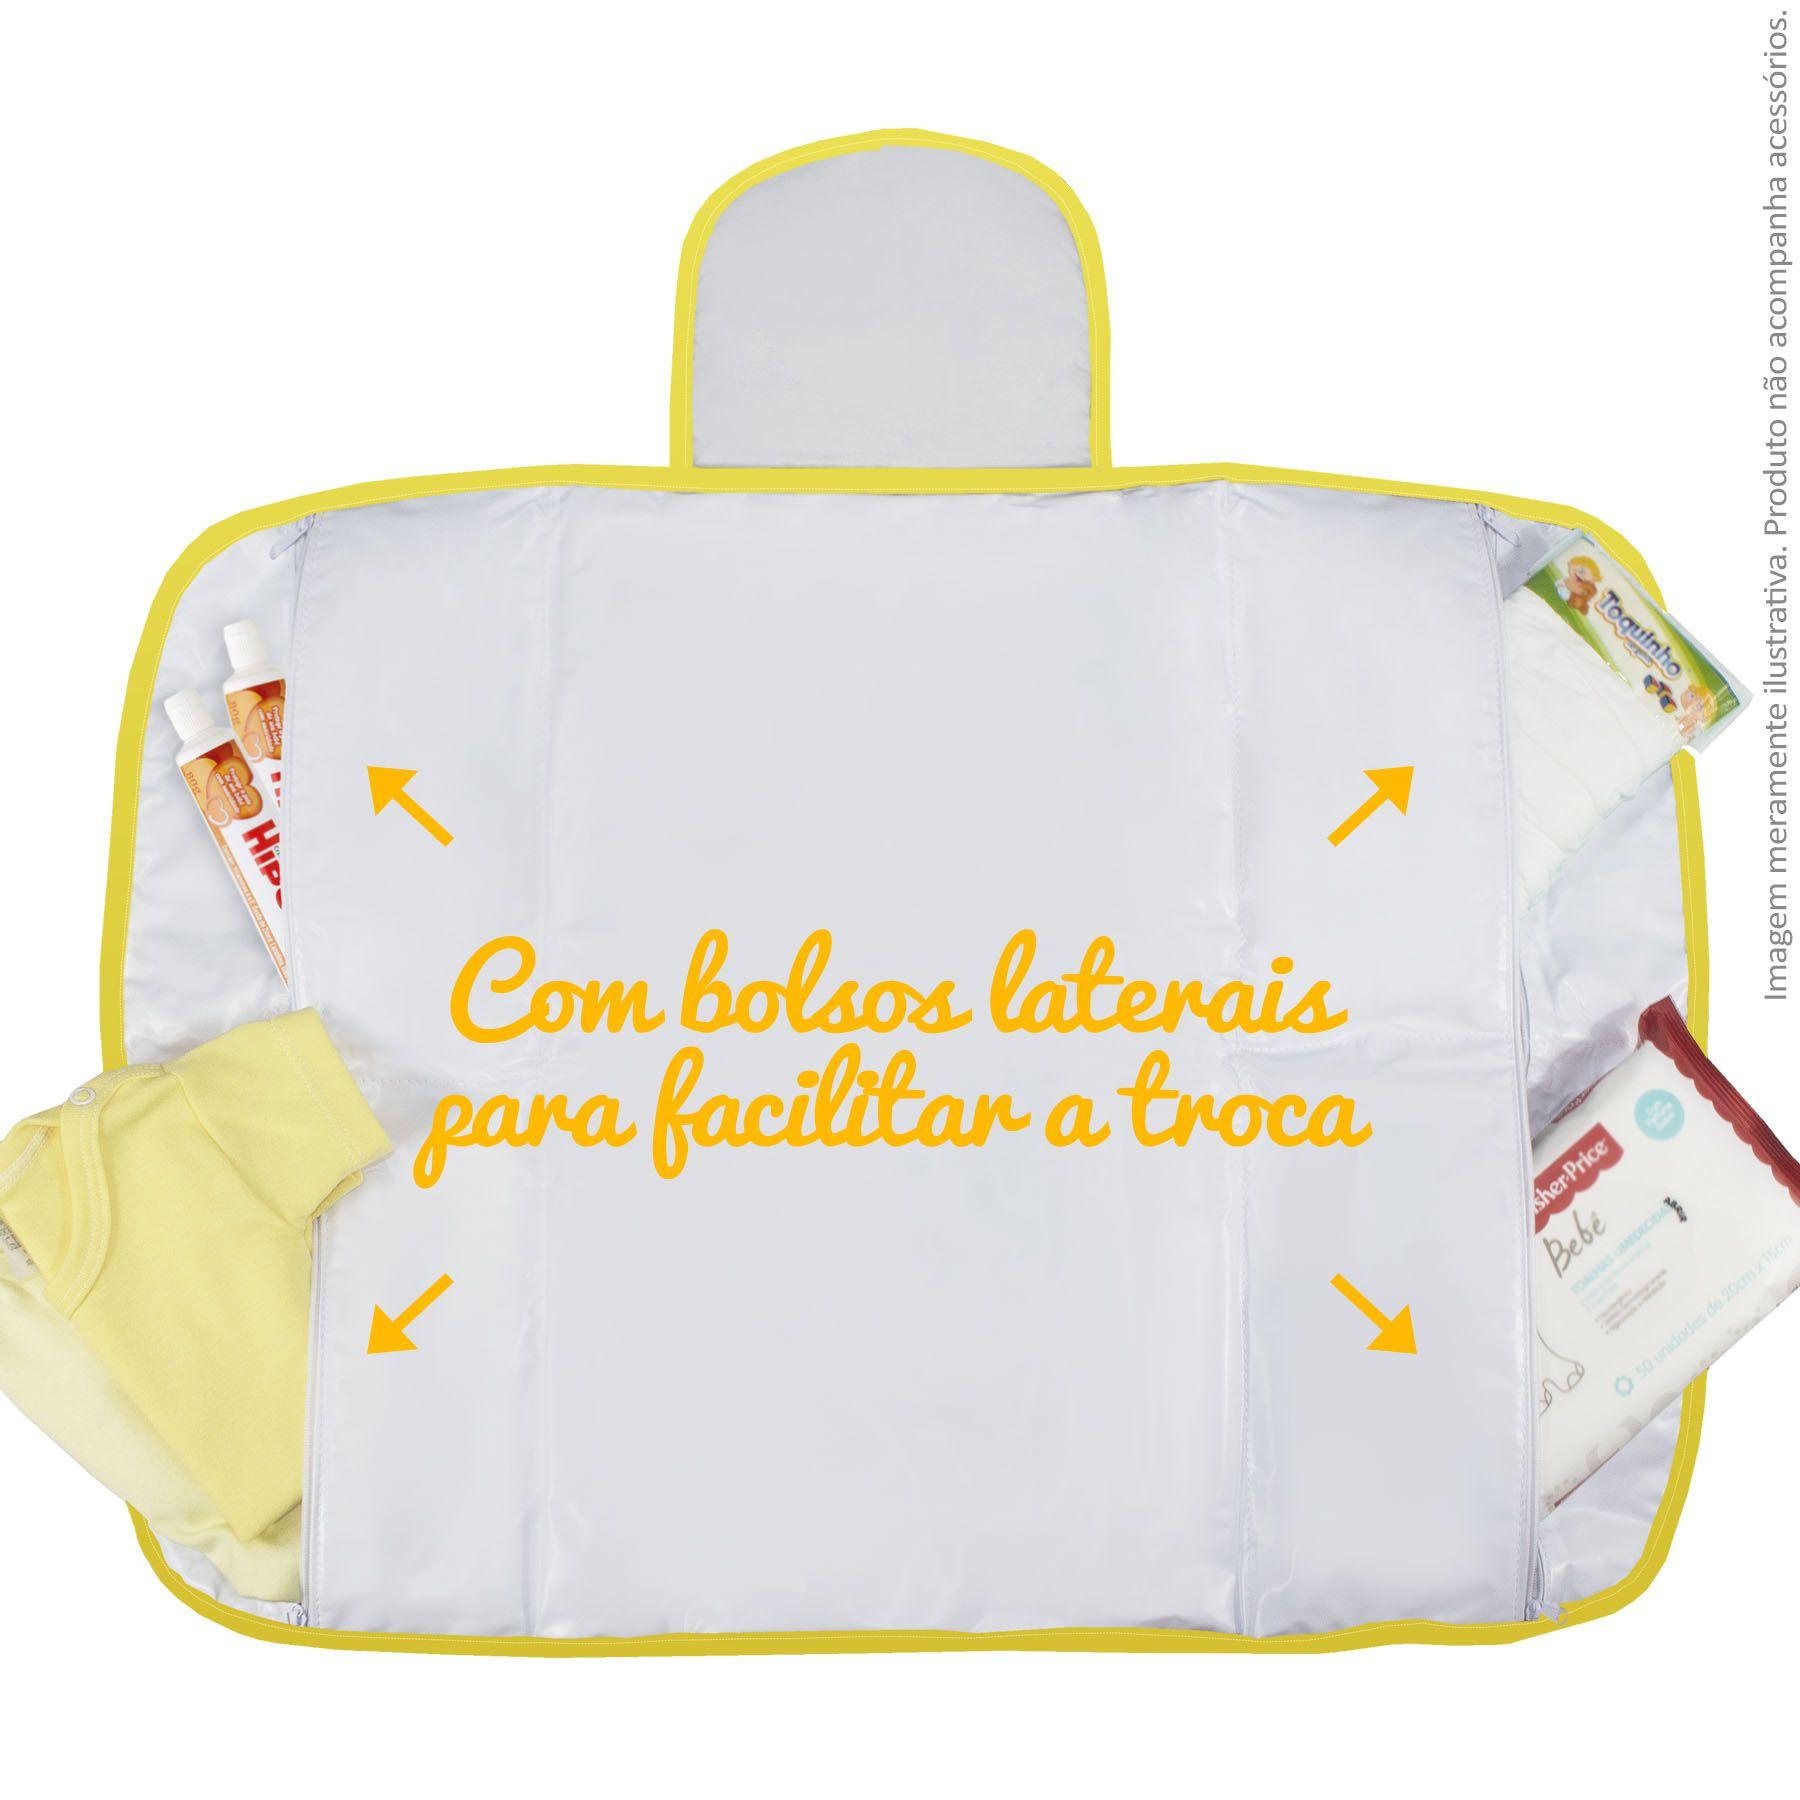 Trocador Portátil c/ Bolsos - Losango Amarelo